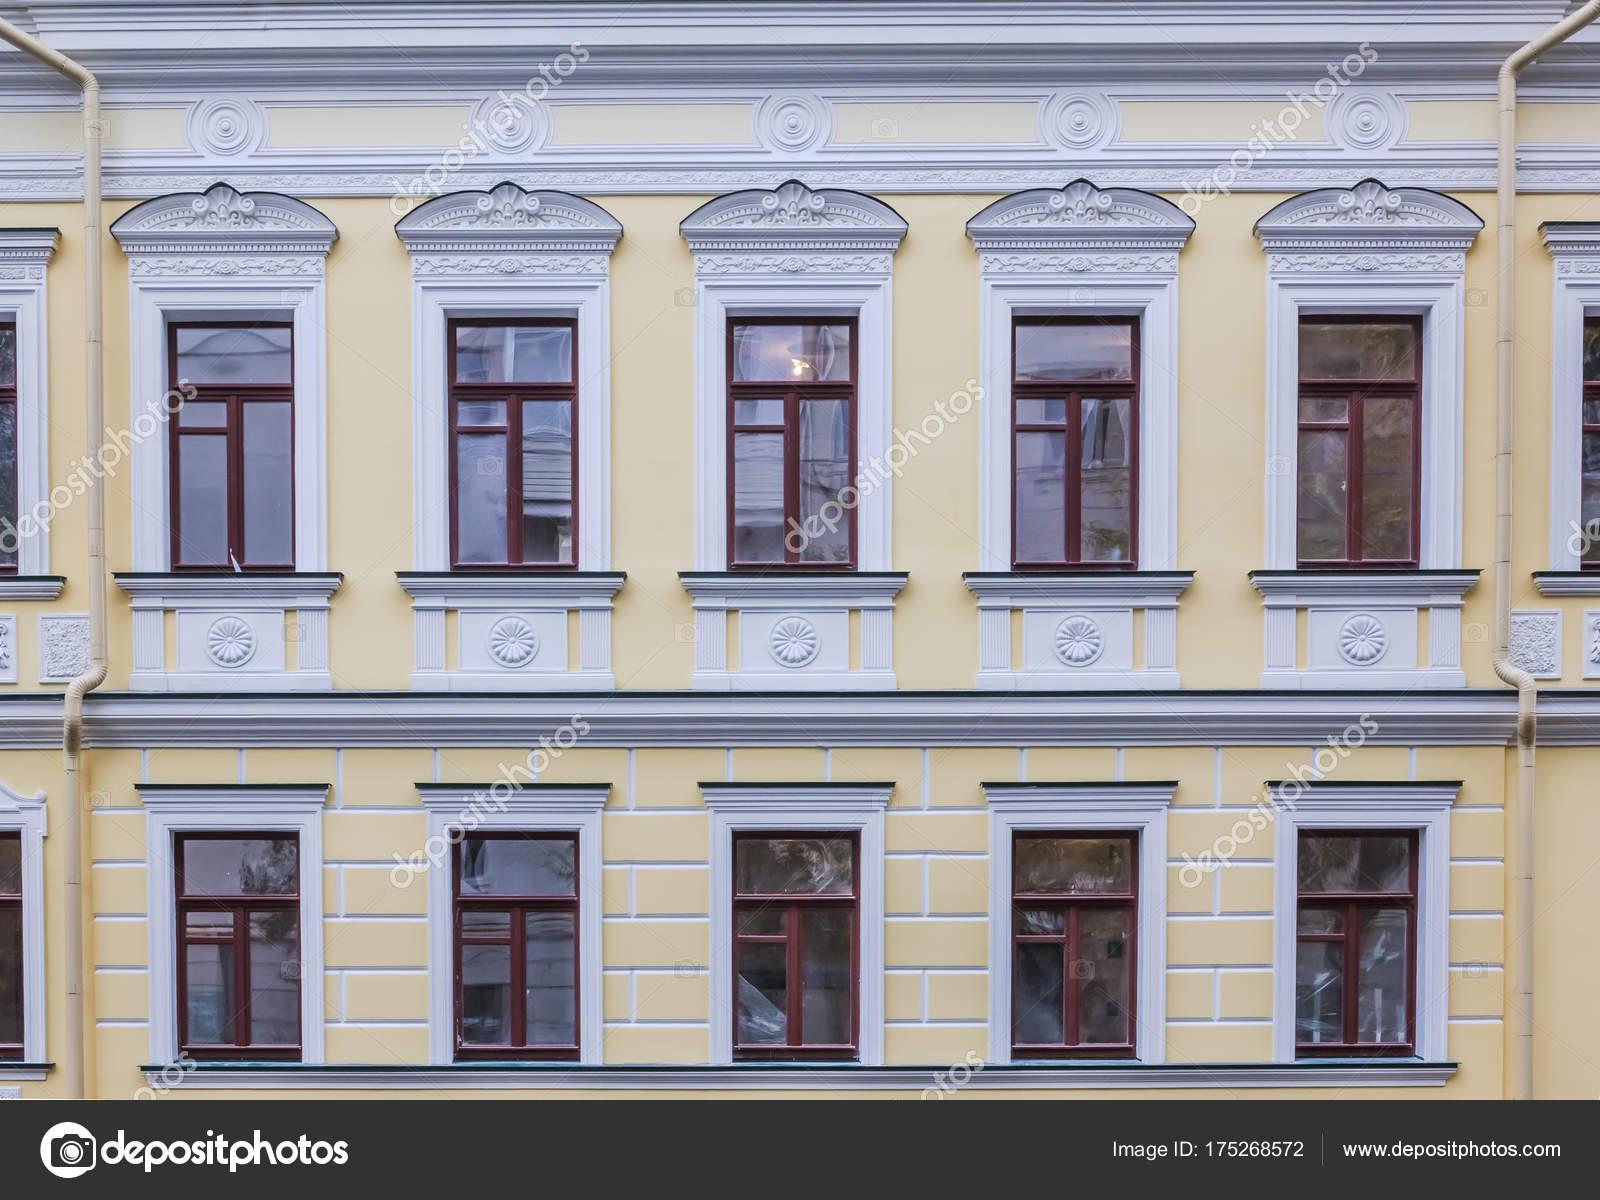 Fries Architektur vintage architektur klassischer stuck fassade reich verziert mit